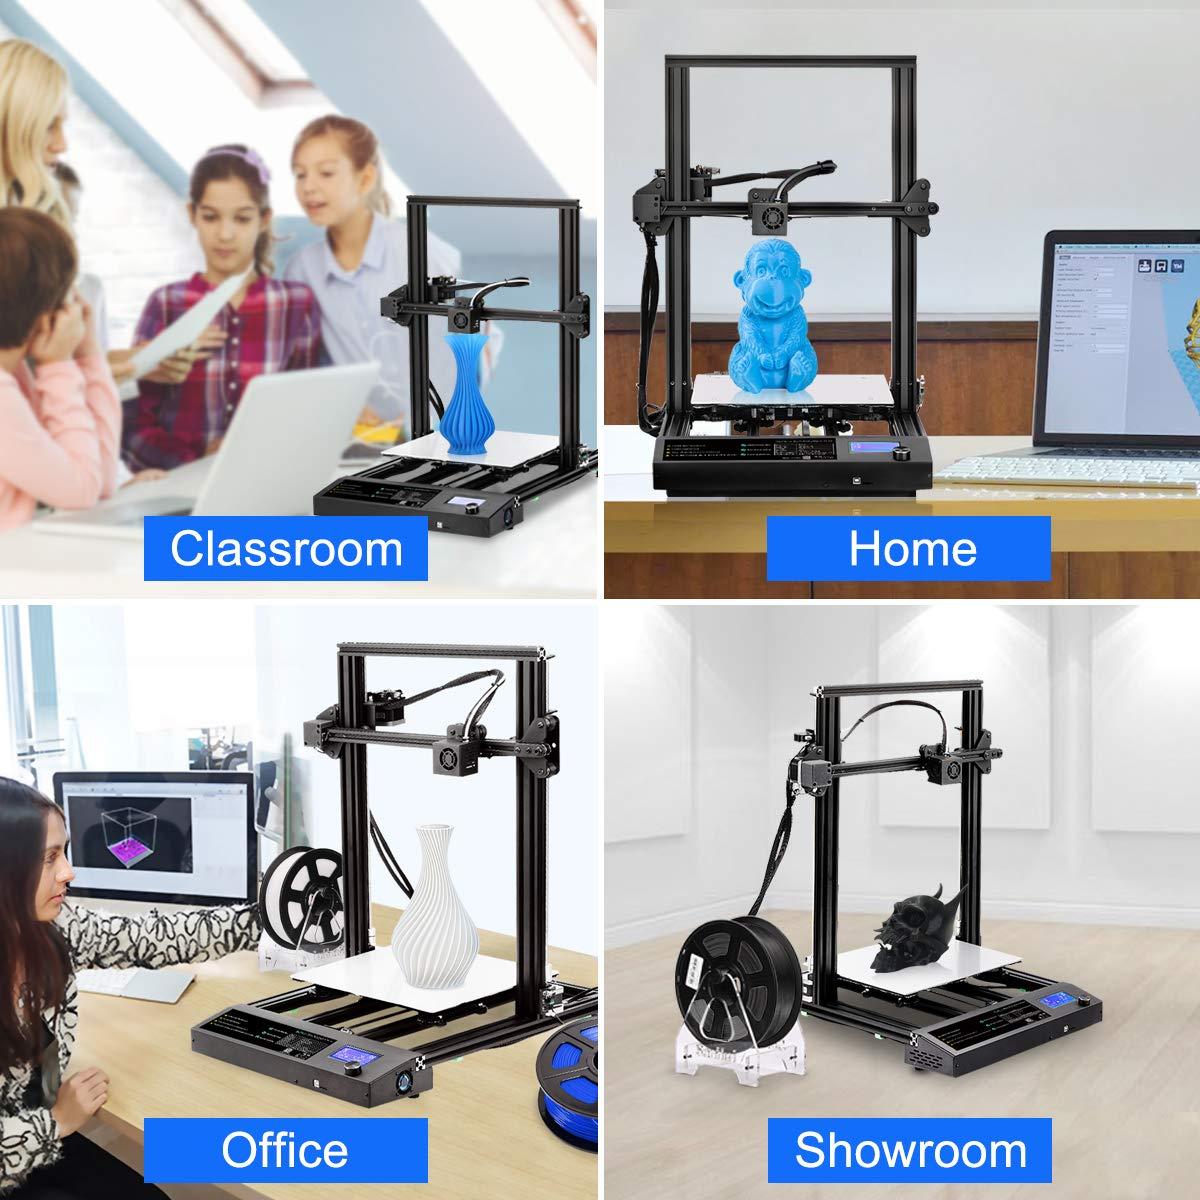 Fast Assembly Sunlu Imprimante 3D 3D pour bricolage FDM PETG 310 x 310 x 400 mm avec une taille de printing Size TPU works with PLA+ PP Heated Beds fibre de carbone et More